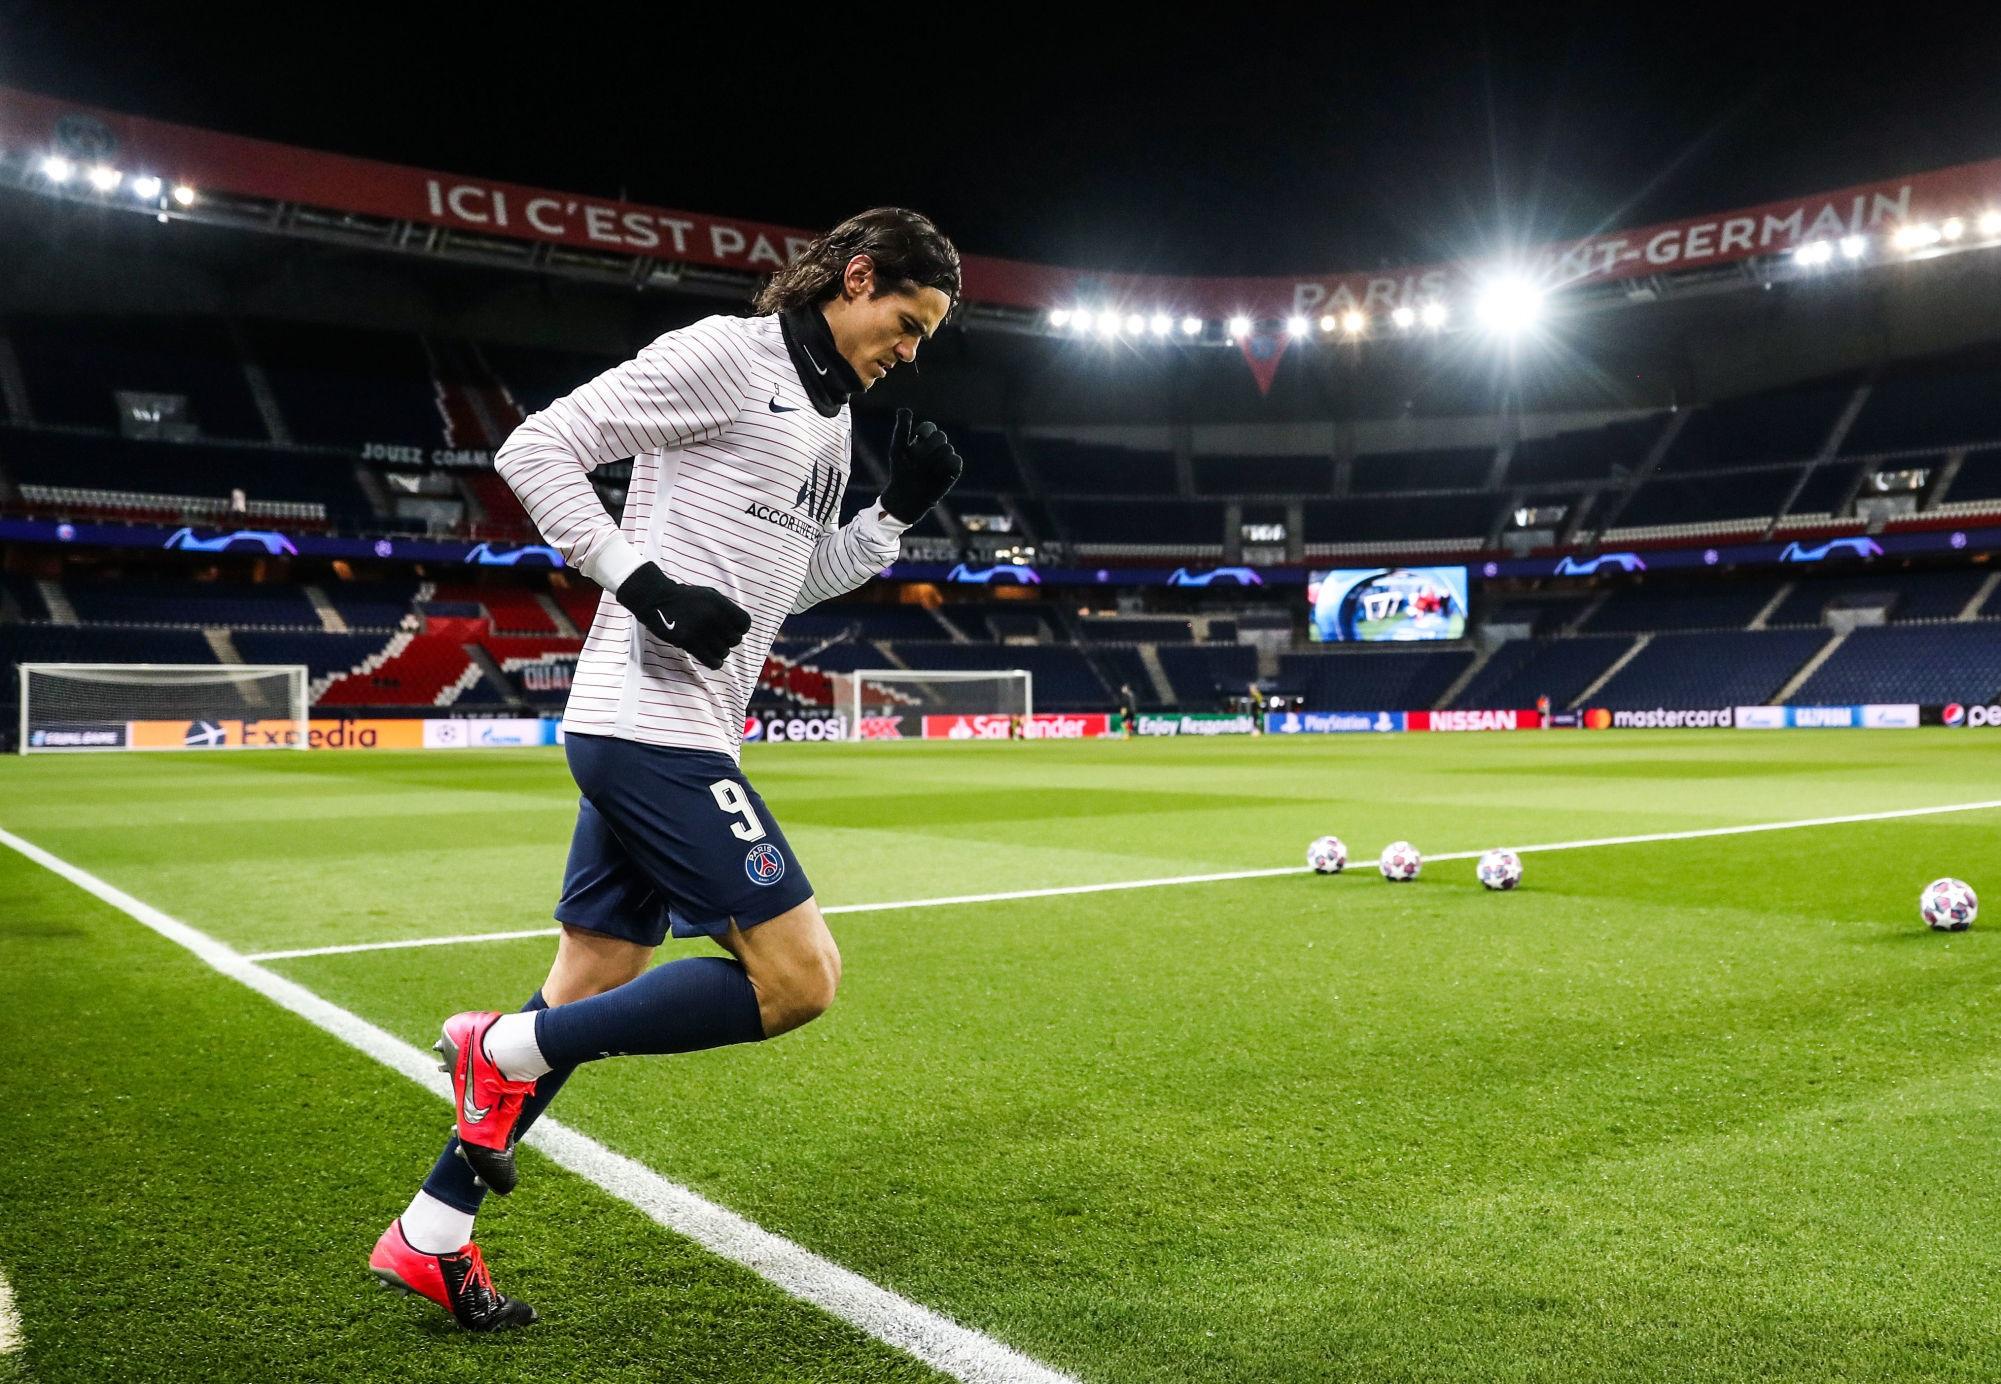 Mercato - Cavani s'est proposé au Barça, assure Sport